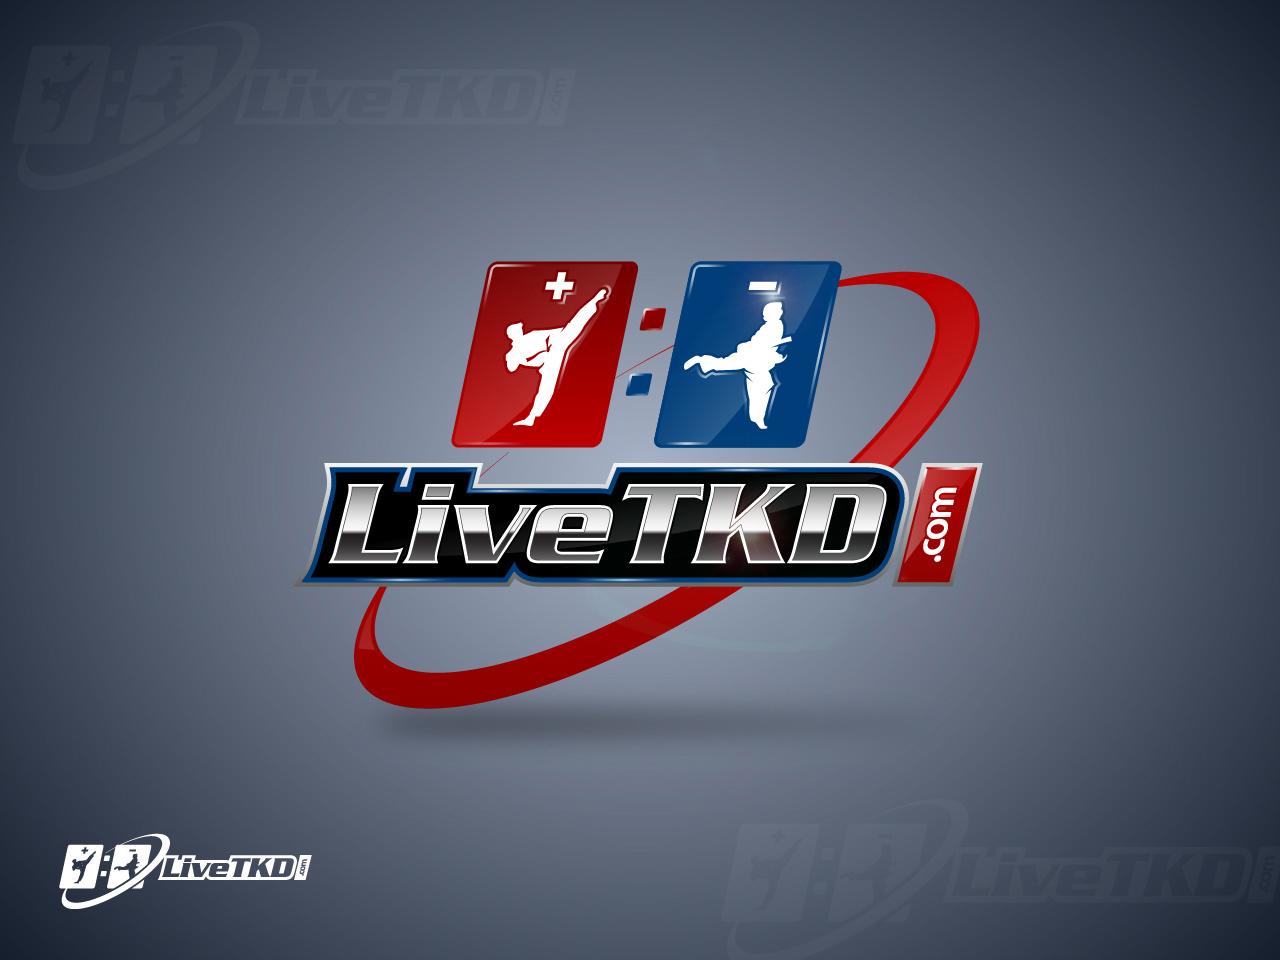 Logo Design by jpbituin - Entry No. 195 in the Logo Design Contest New Logo Design for LiveTKD.com.